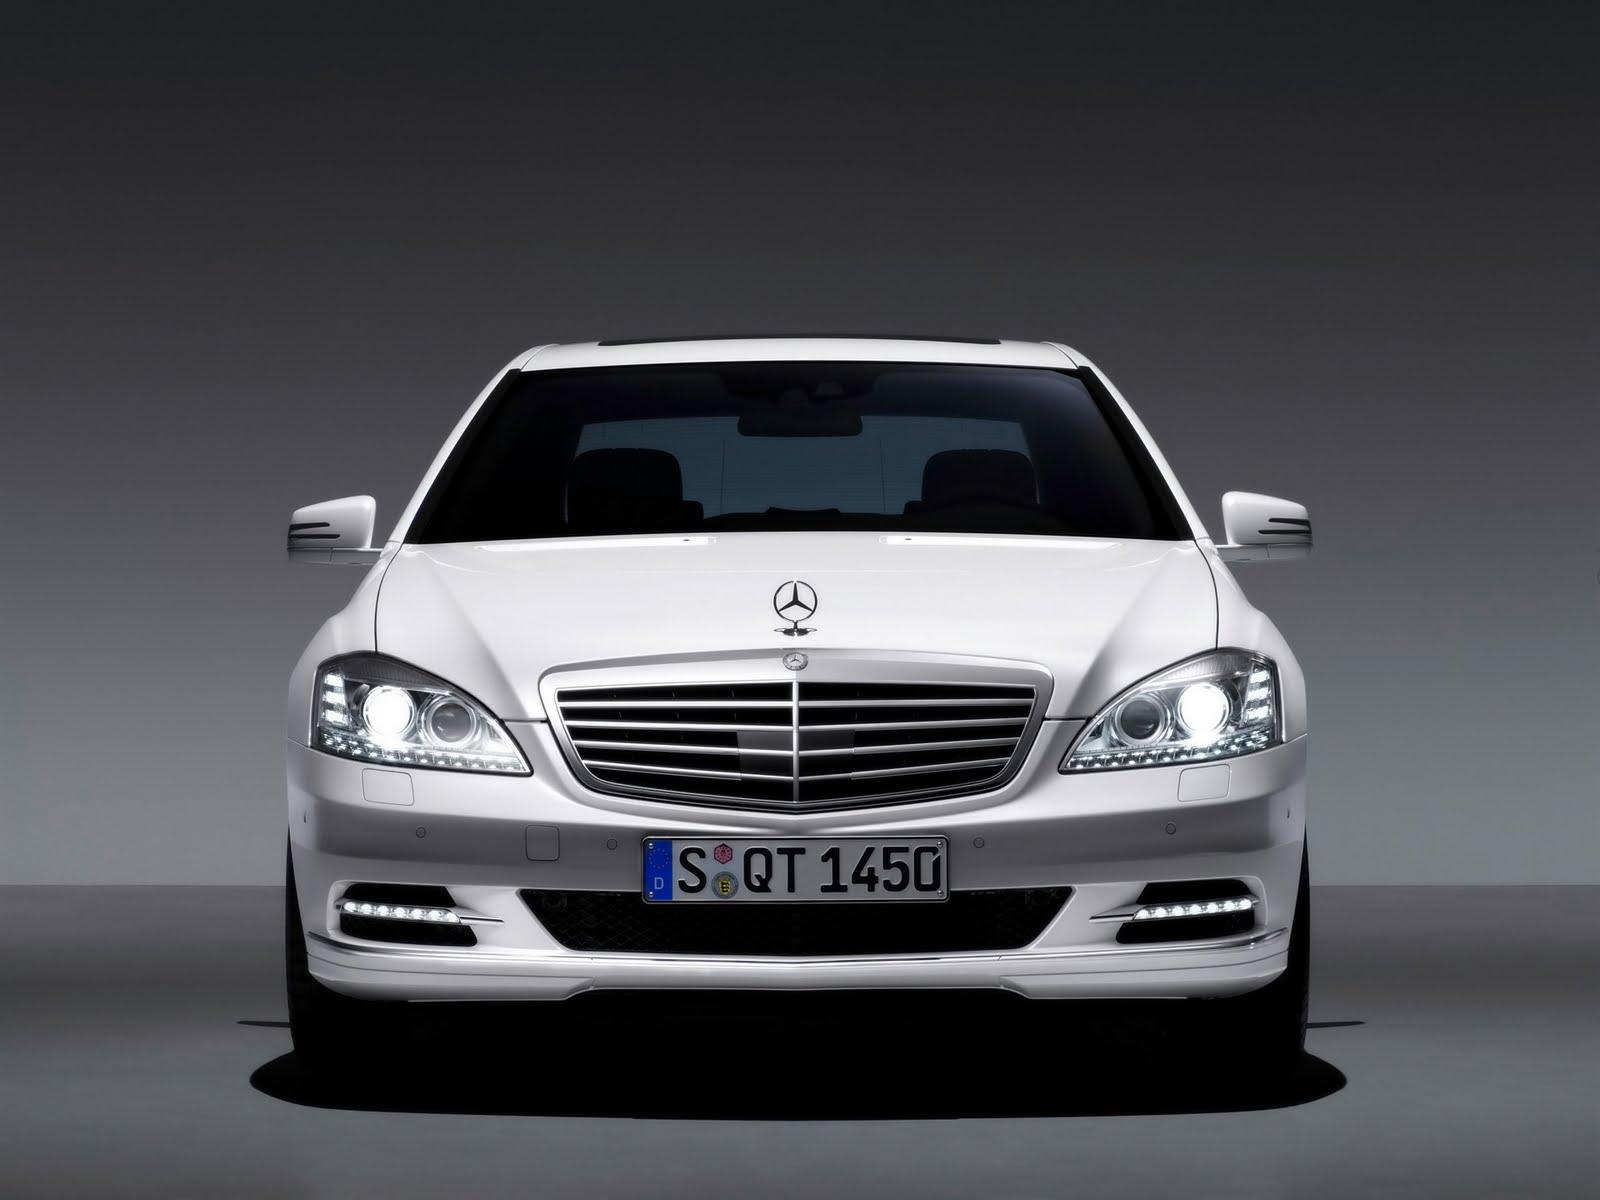 http://3.bp.blogspot.com/-i3GWlrtHKQk/TZmKMJFrygI/AAAAAAAAyhA/FKJYxB7-ysQ/s1600/2009-Mercedes-Benz-S-Class-S-400-Hybrid-Studio-Front-1920x1440.jpg